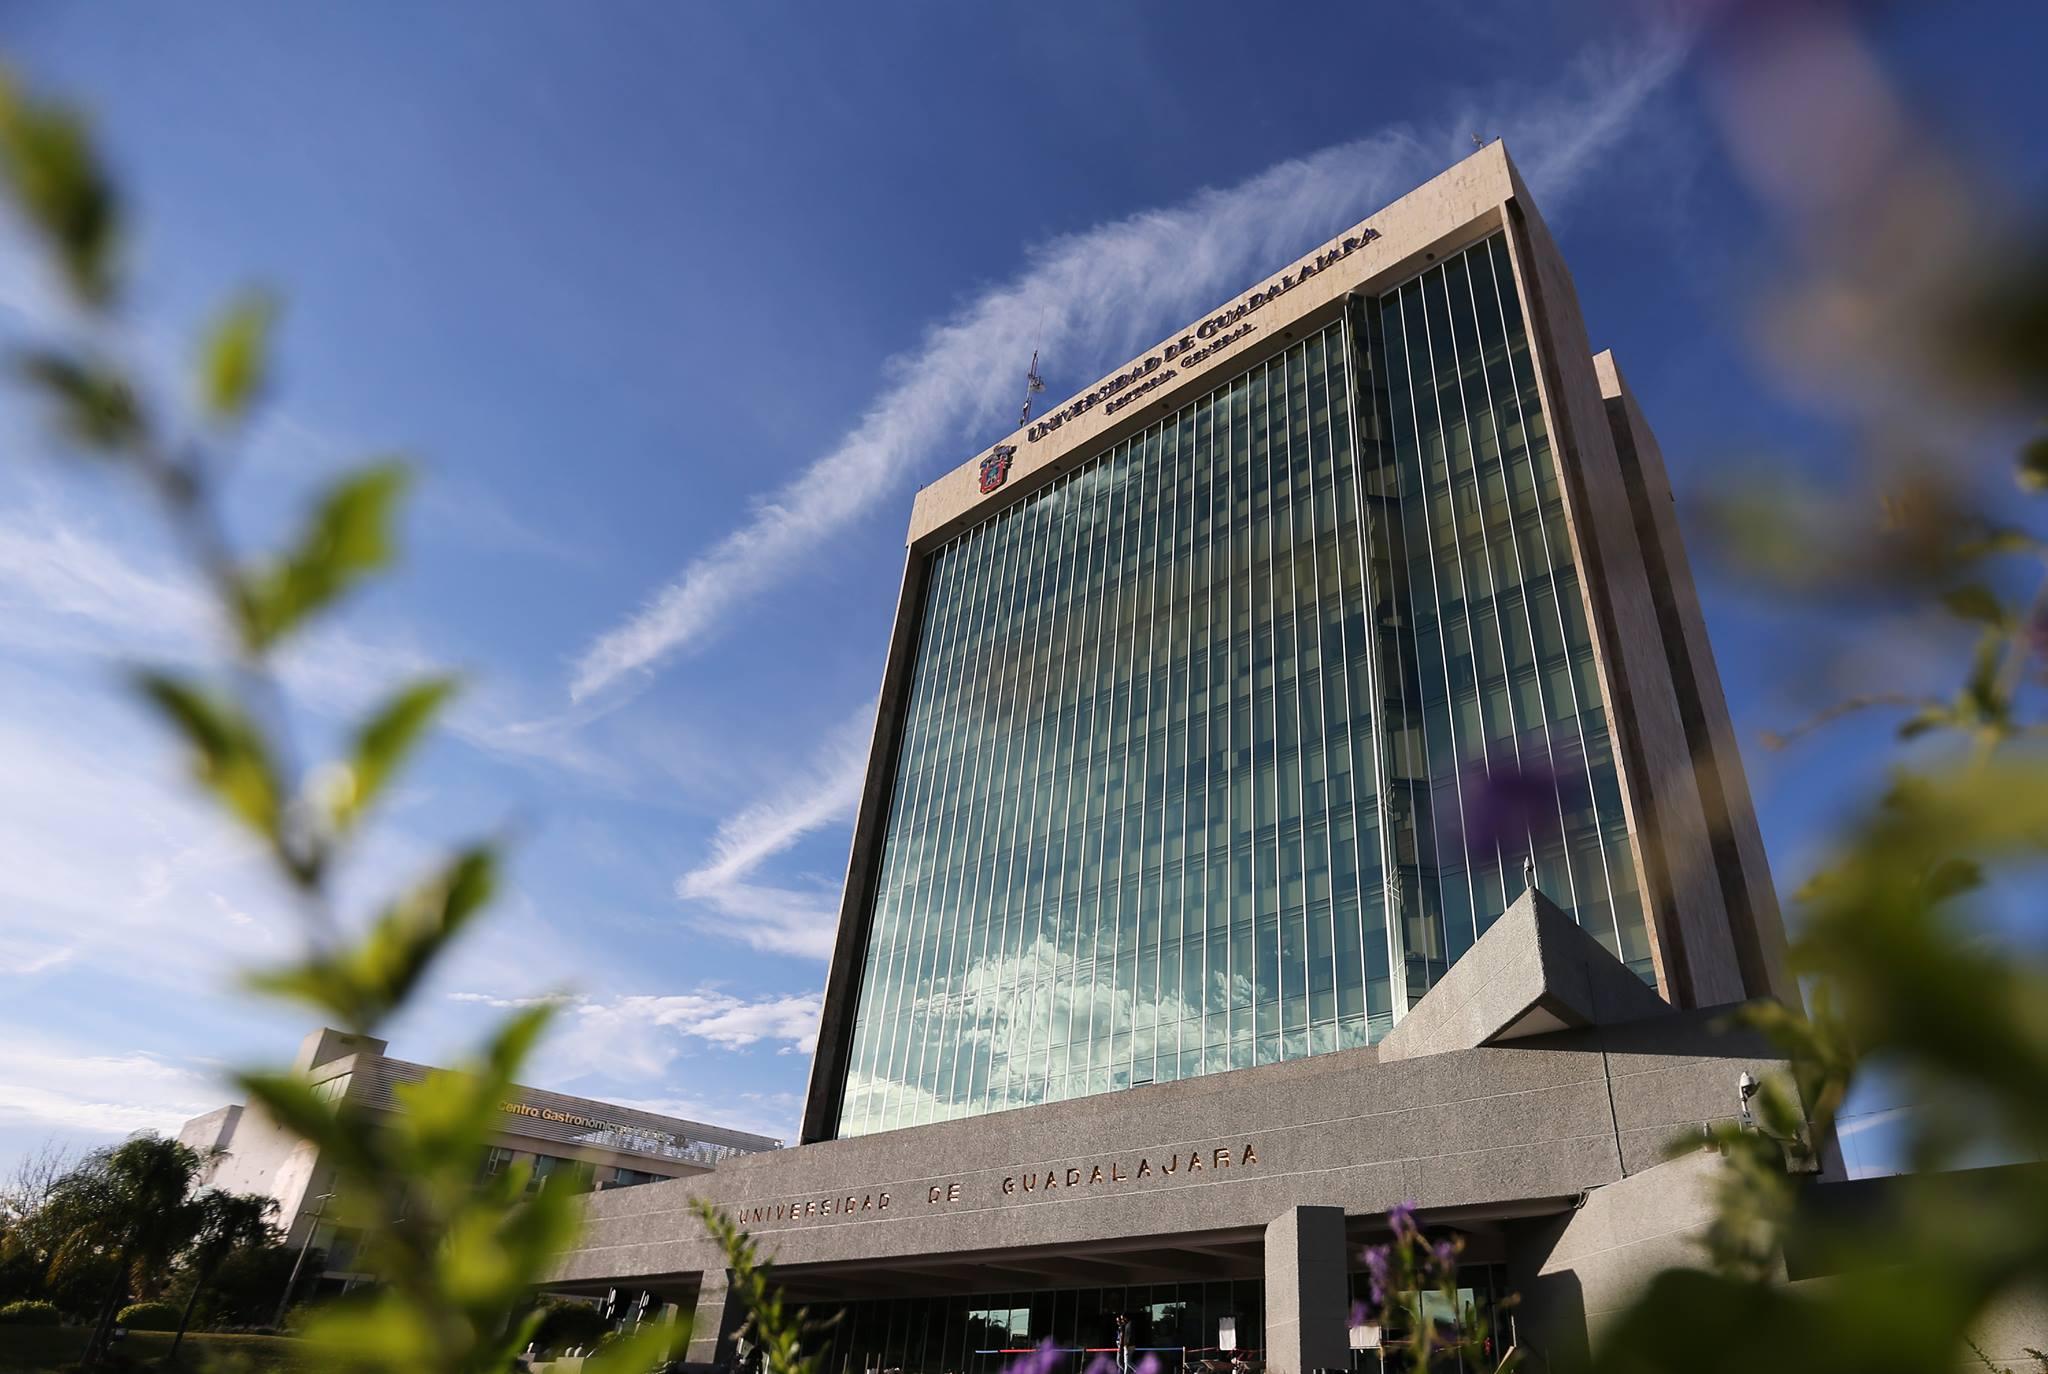 Edificio de la Rectoría General de la Universidad de Guadalajara visto desde Escorza y Av. Juarez